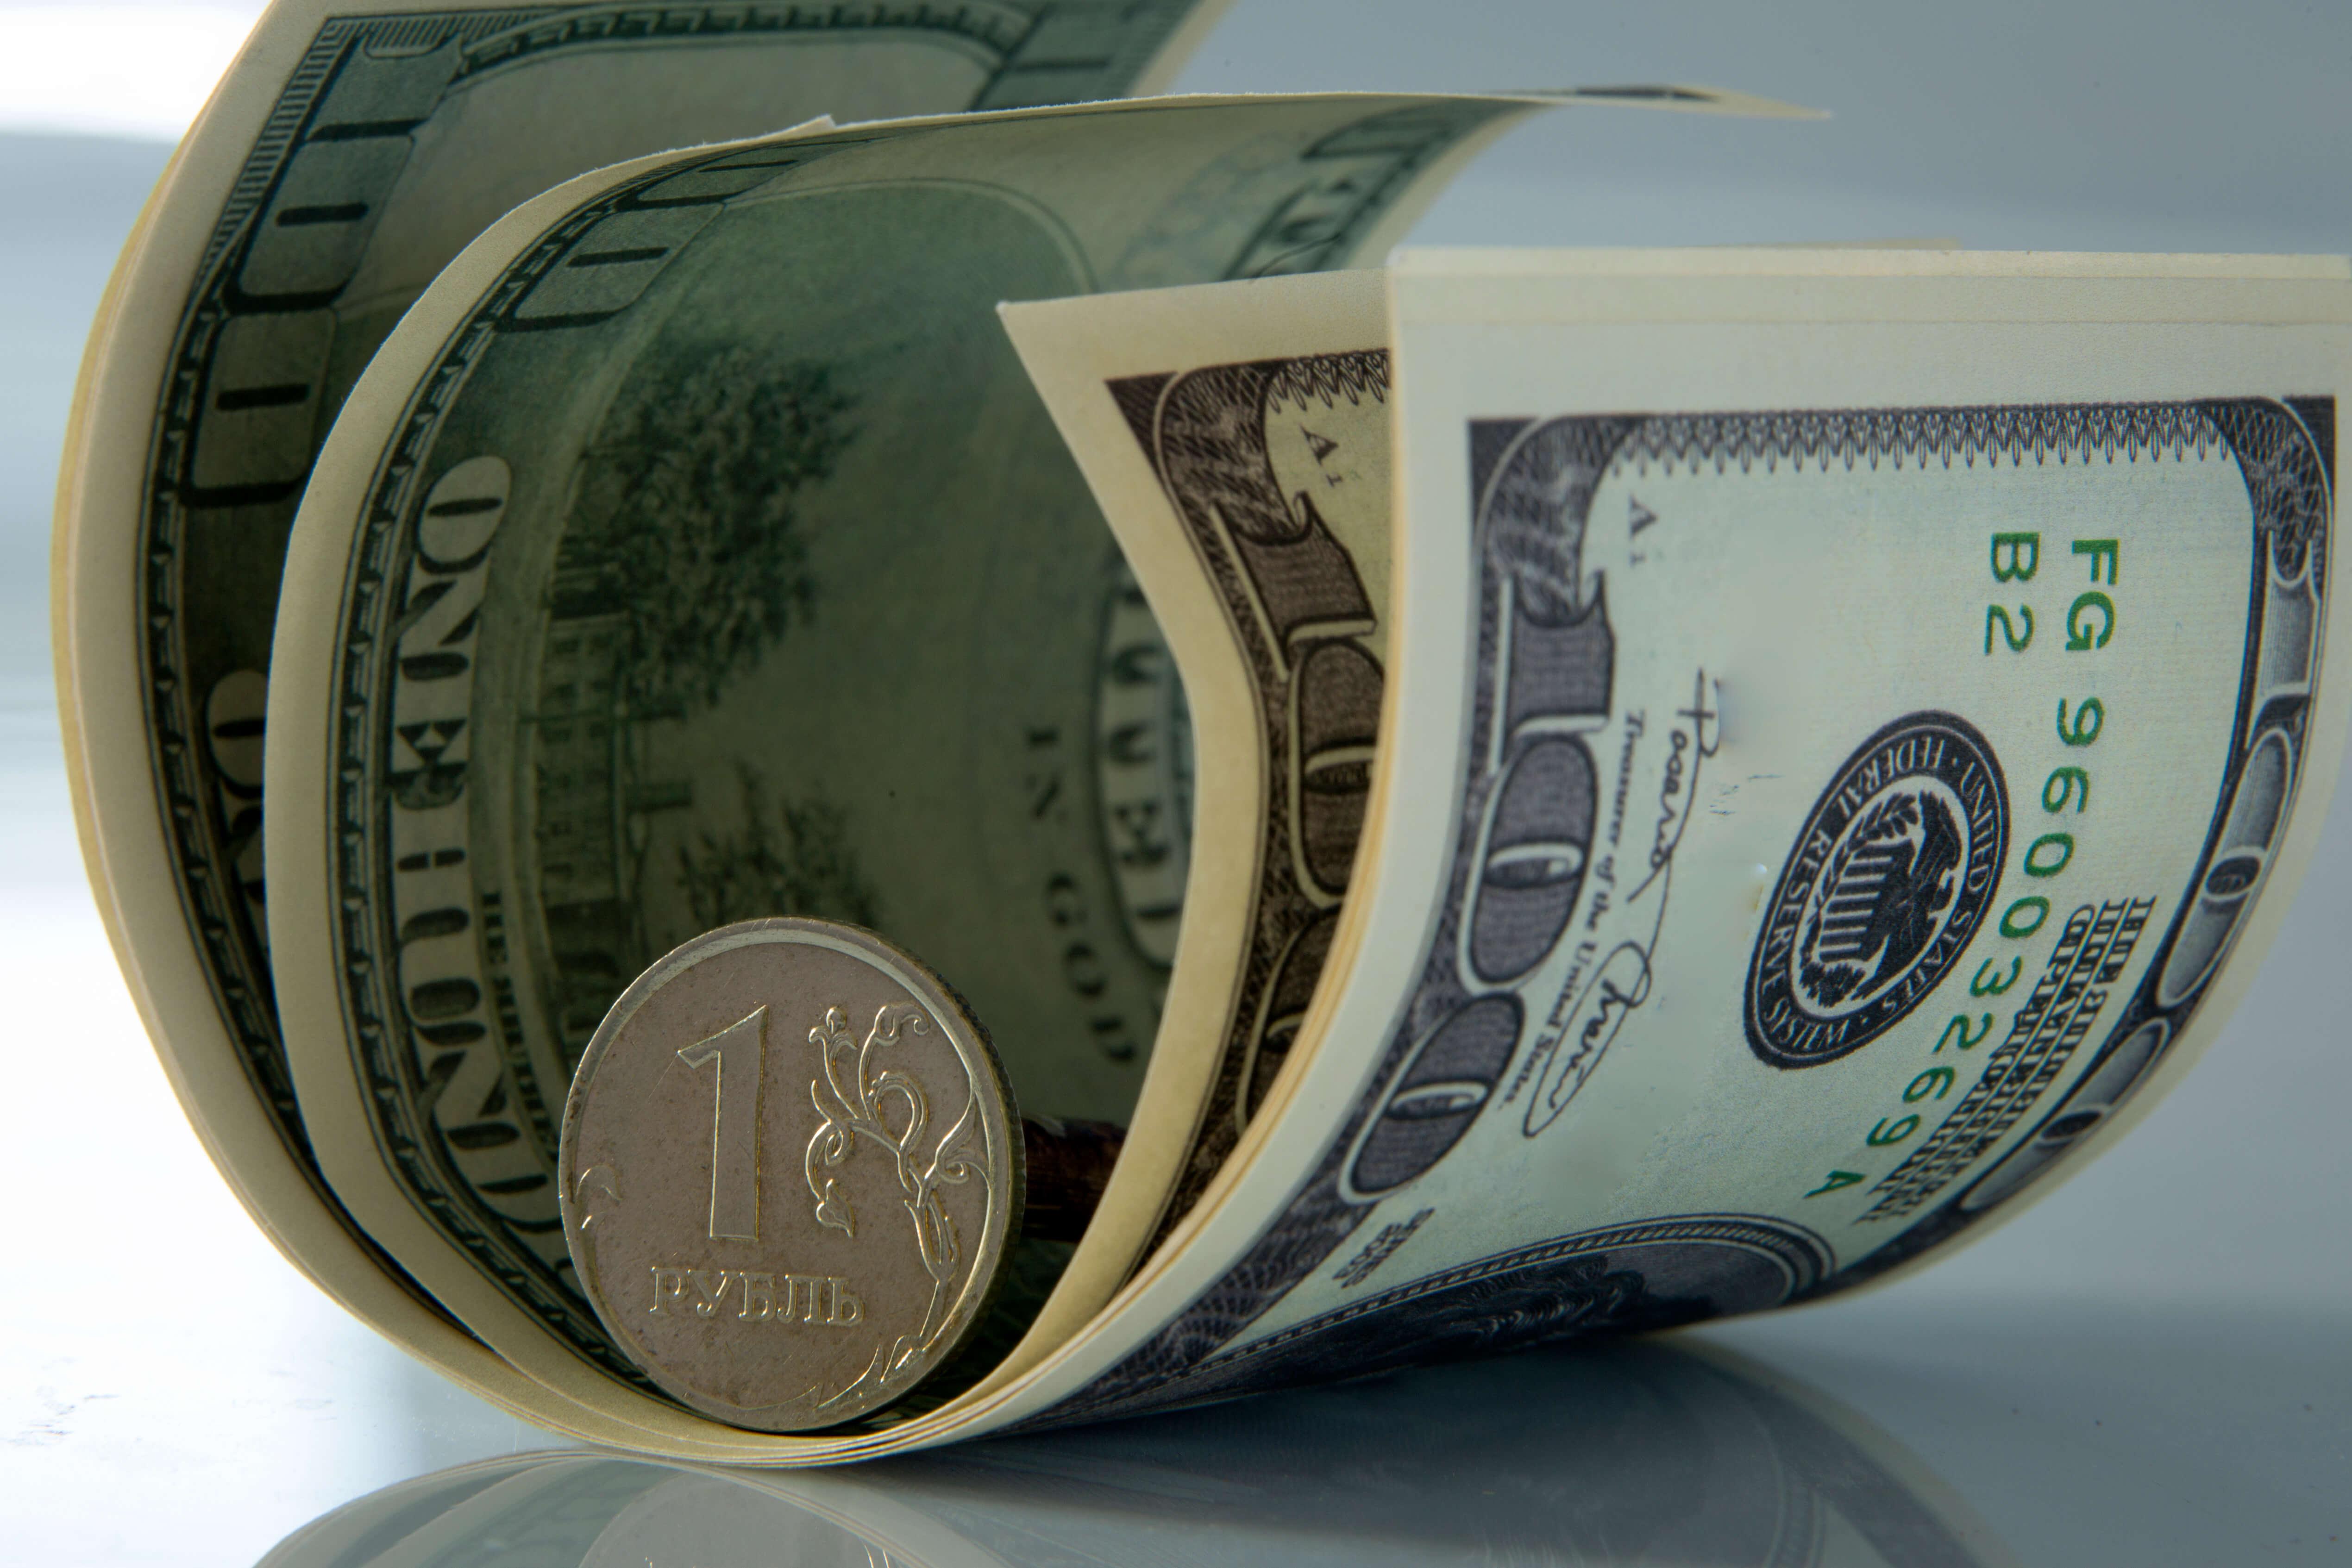 Судьба доллара решена: американской валюте предрекли обвал к концу апреля